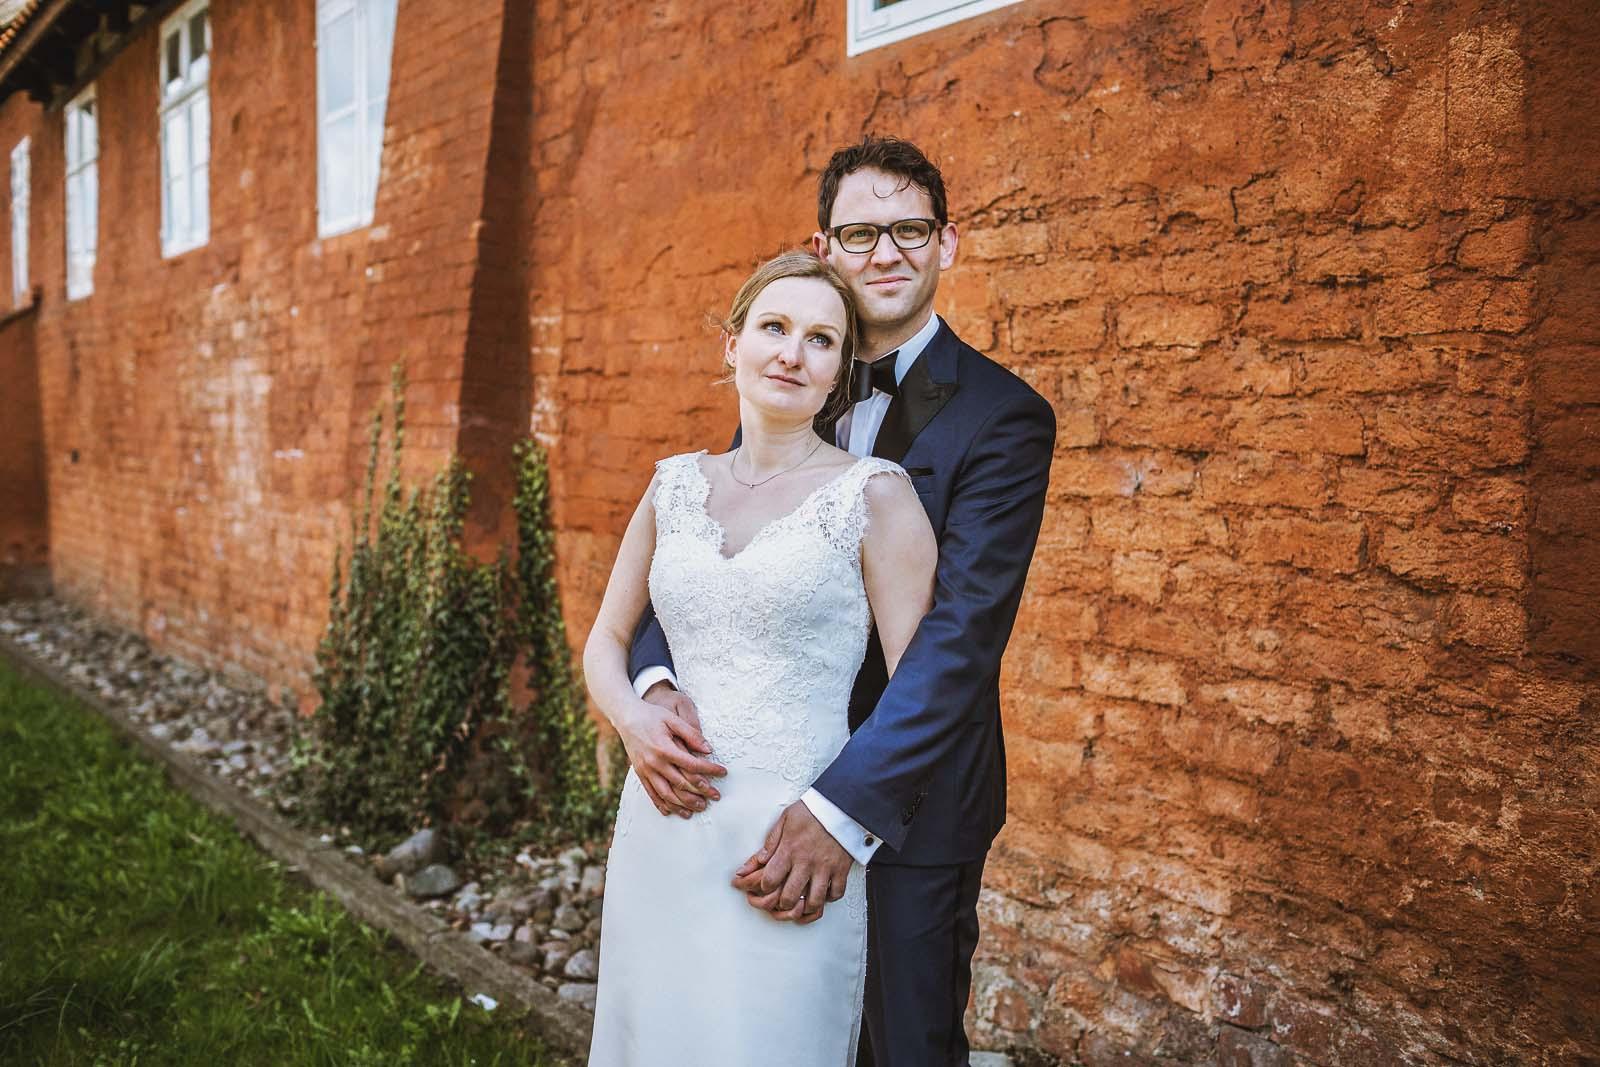 Hochzeitsfotograf Stralsund Hochzeitsportrait in der Altstadt Copyright by Hochzeitsfotograf www.berliner-hochzeitsfotografie.de